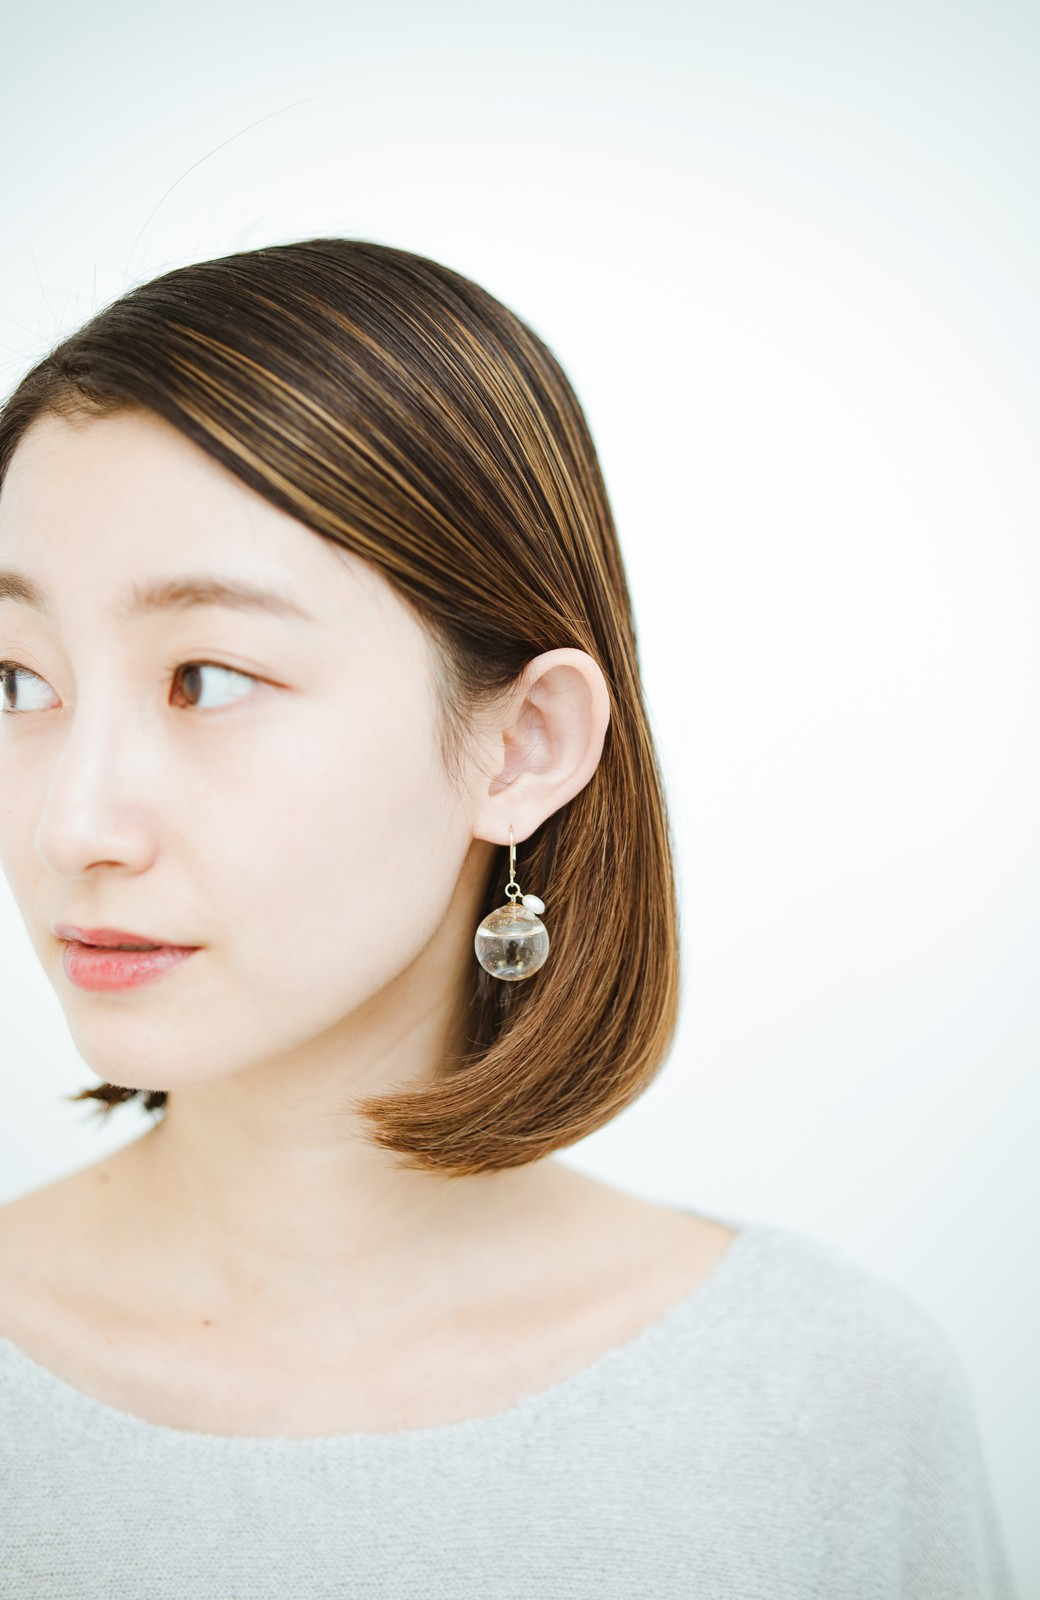 haco! てとひとて KANA MATSUNAMI チャリティー企画 Glass dome  French hookピアス <ゴールド>の商品写真6